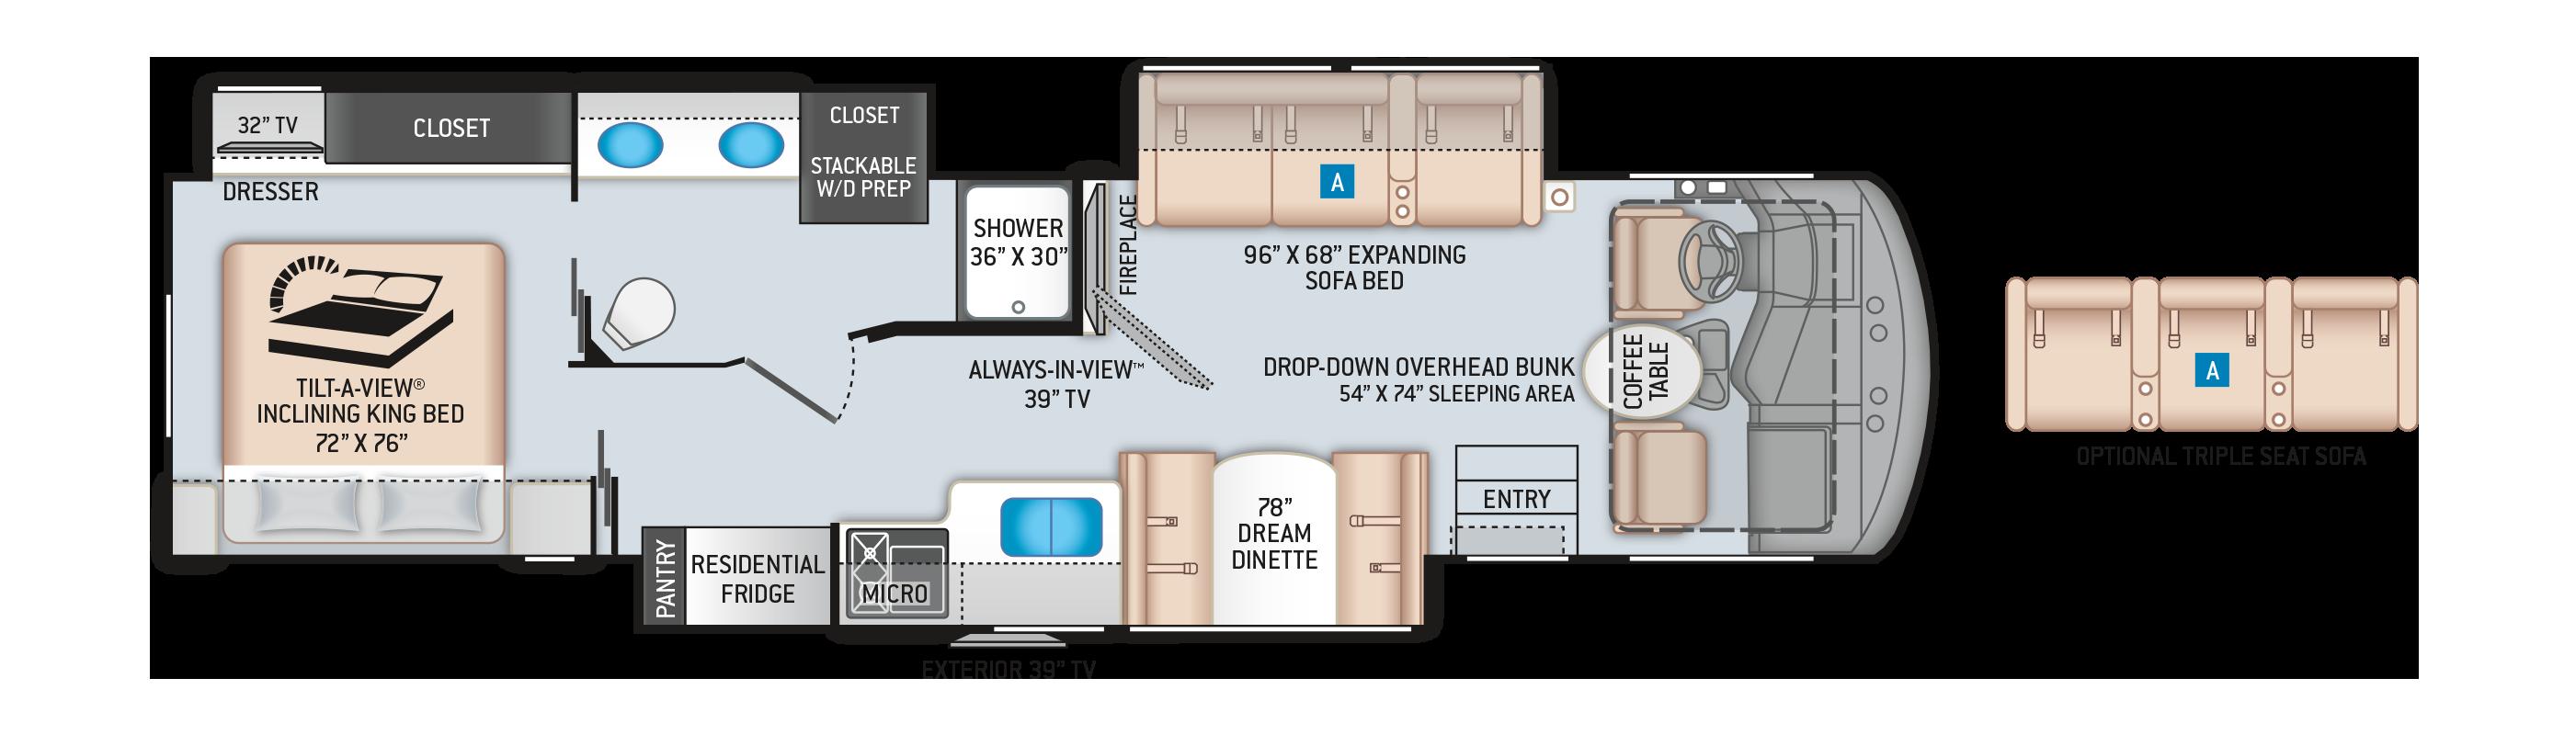 Challenger Class A Motorhome 37YT Floor Plan